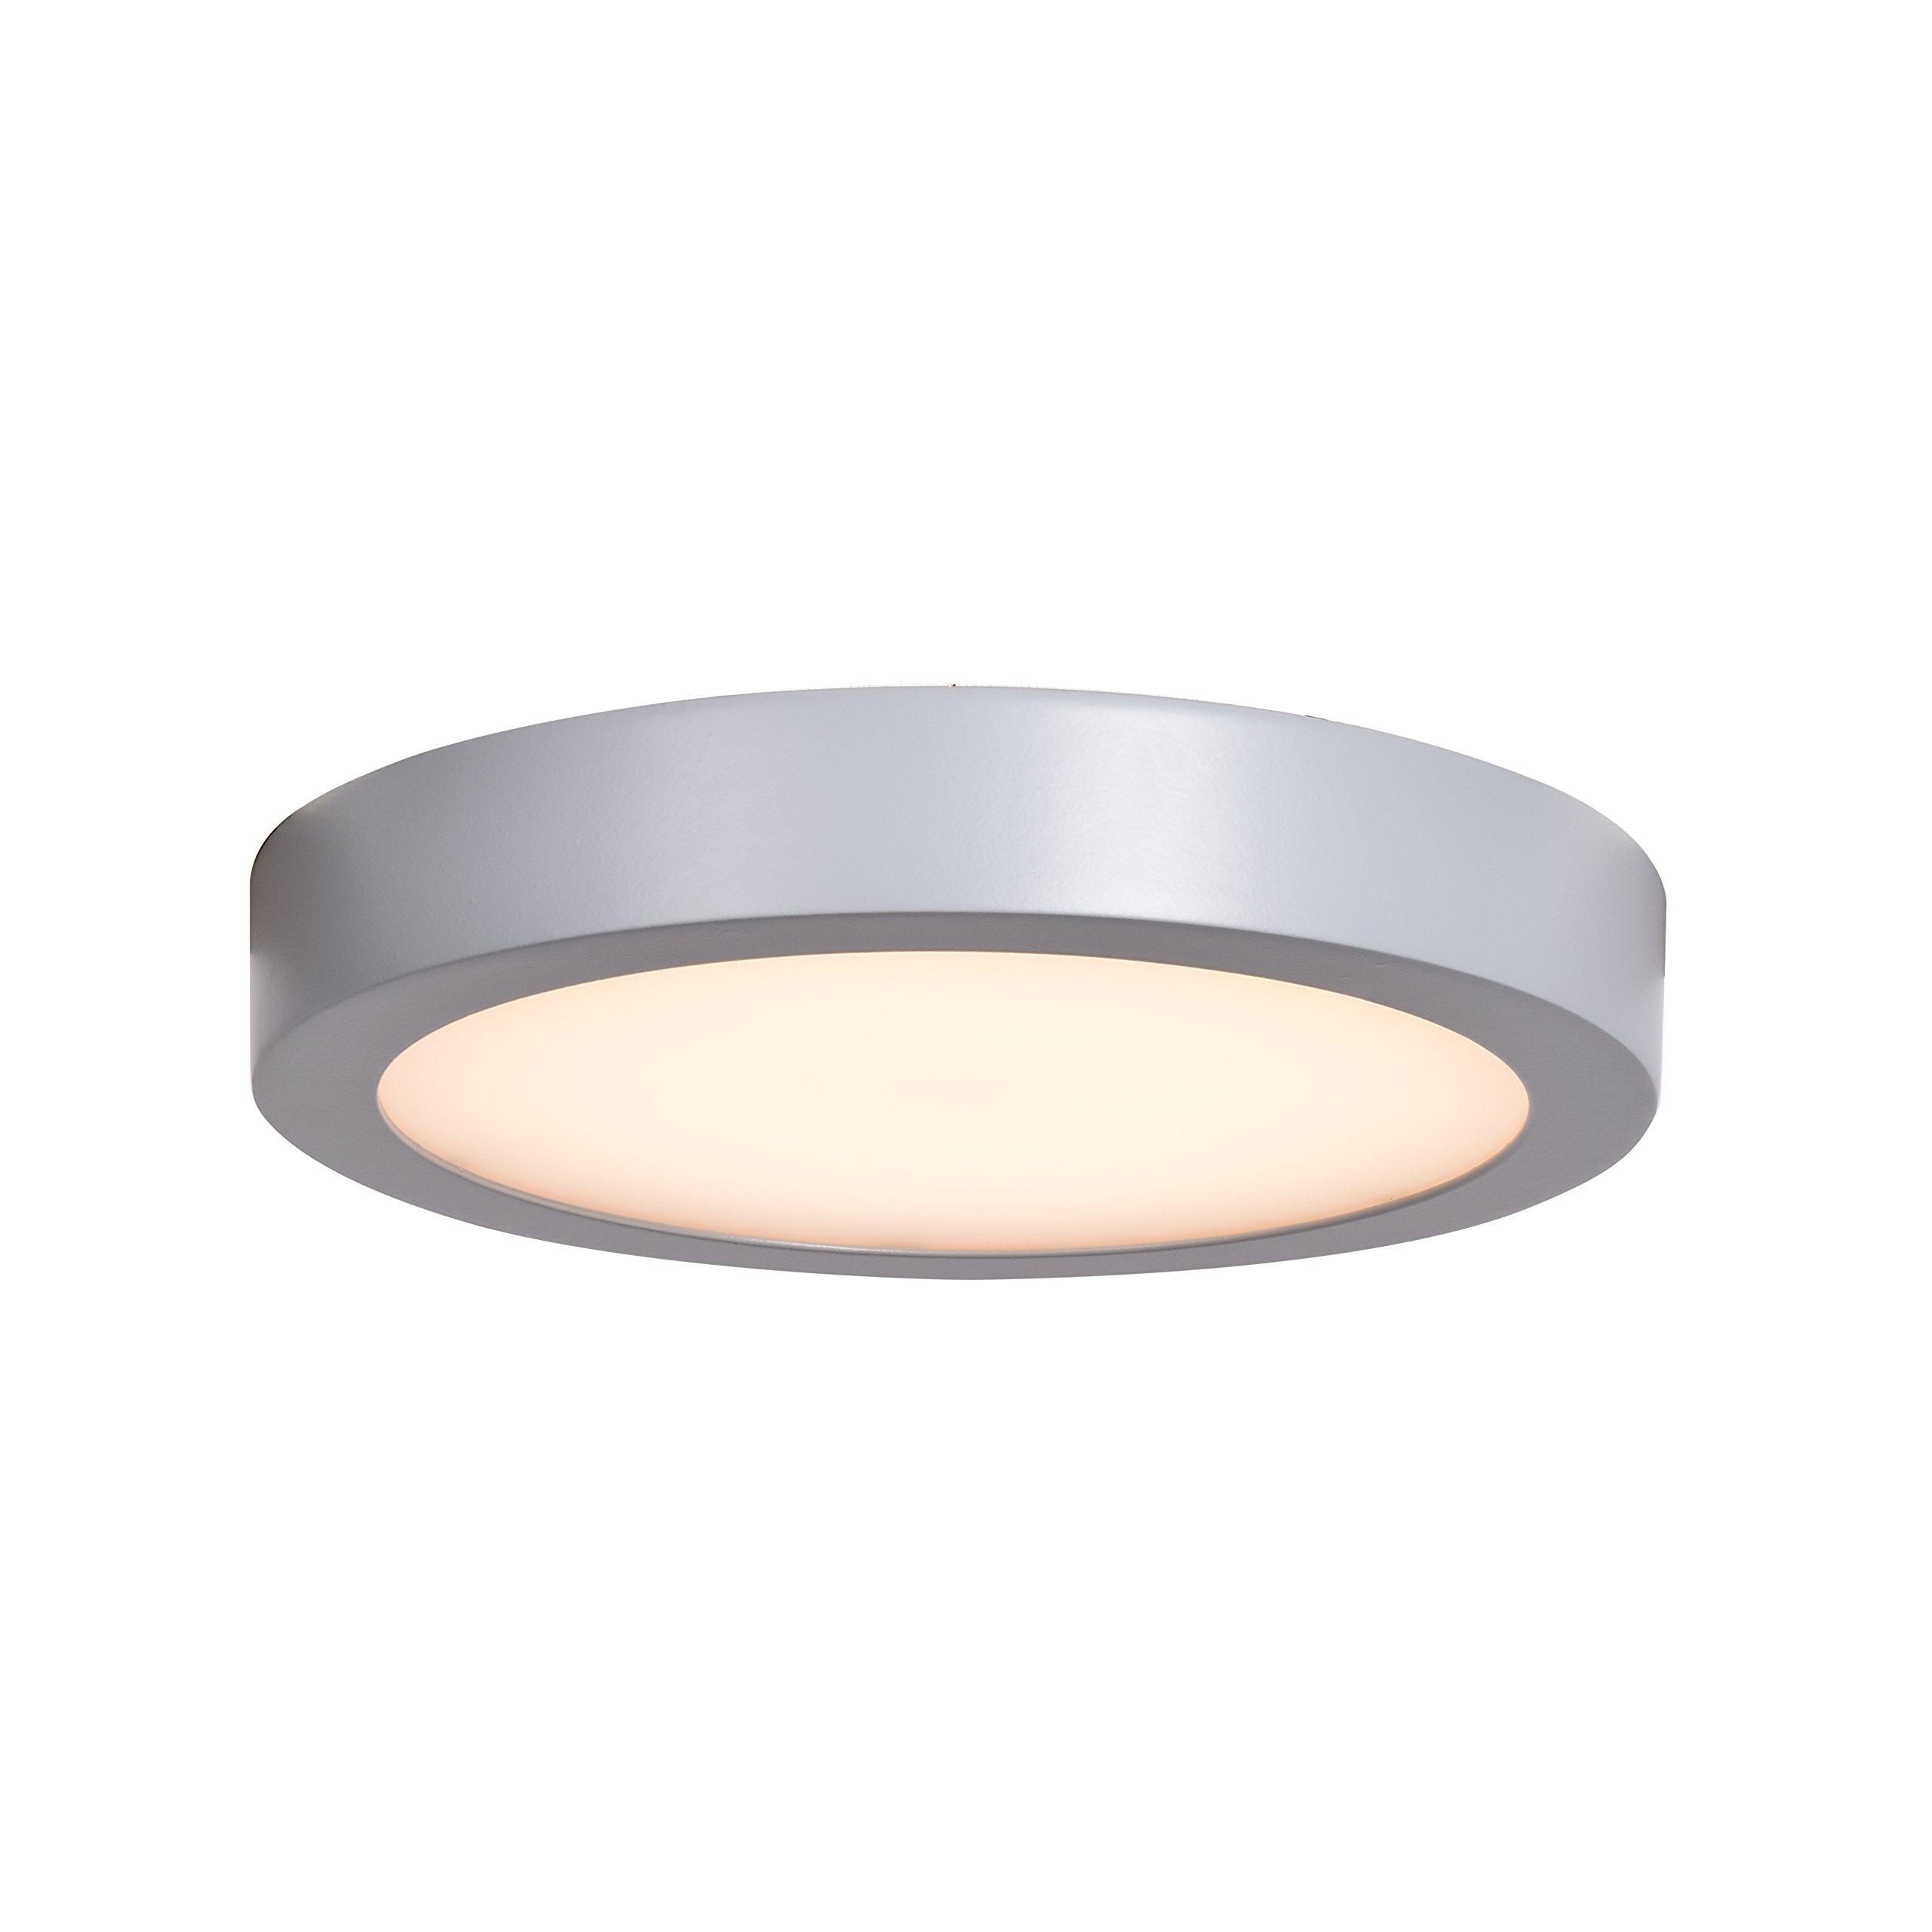 Ulko Exterior LED Outdoor Flush Mount - 9'' D - Silver - Acrylic Lens Diffuser